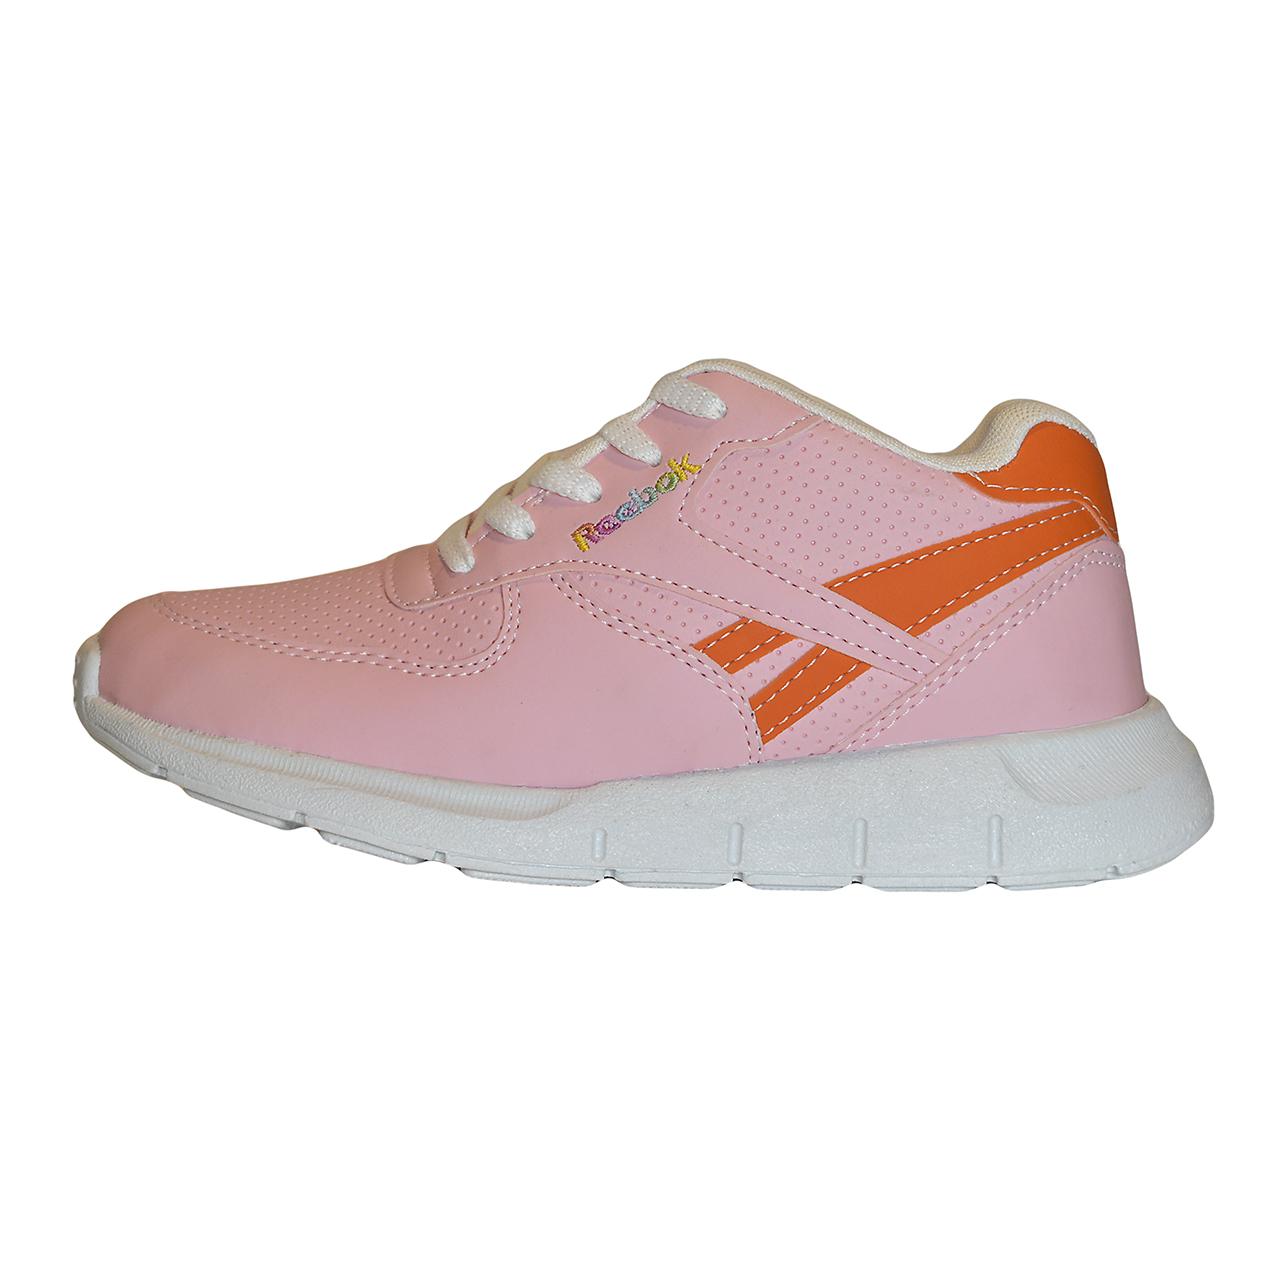 کفش مخصوص پیاده روی زنانه کد 22052